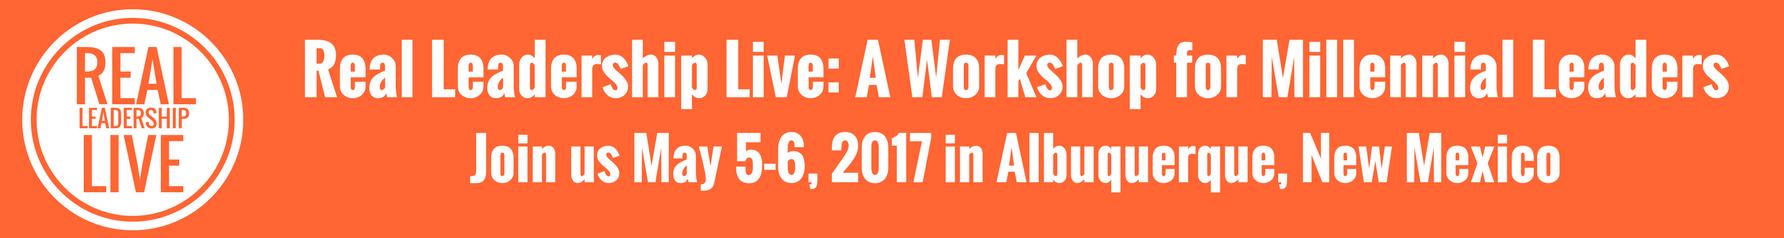 2017 Real Leadership Live Web Banner_orange